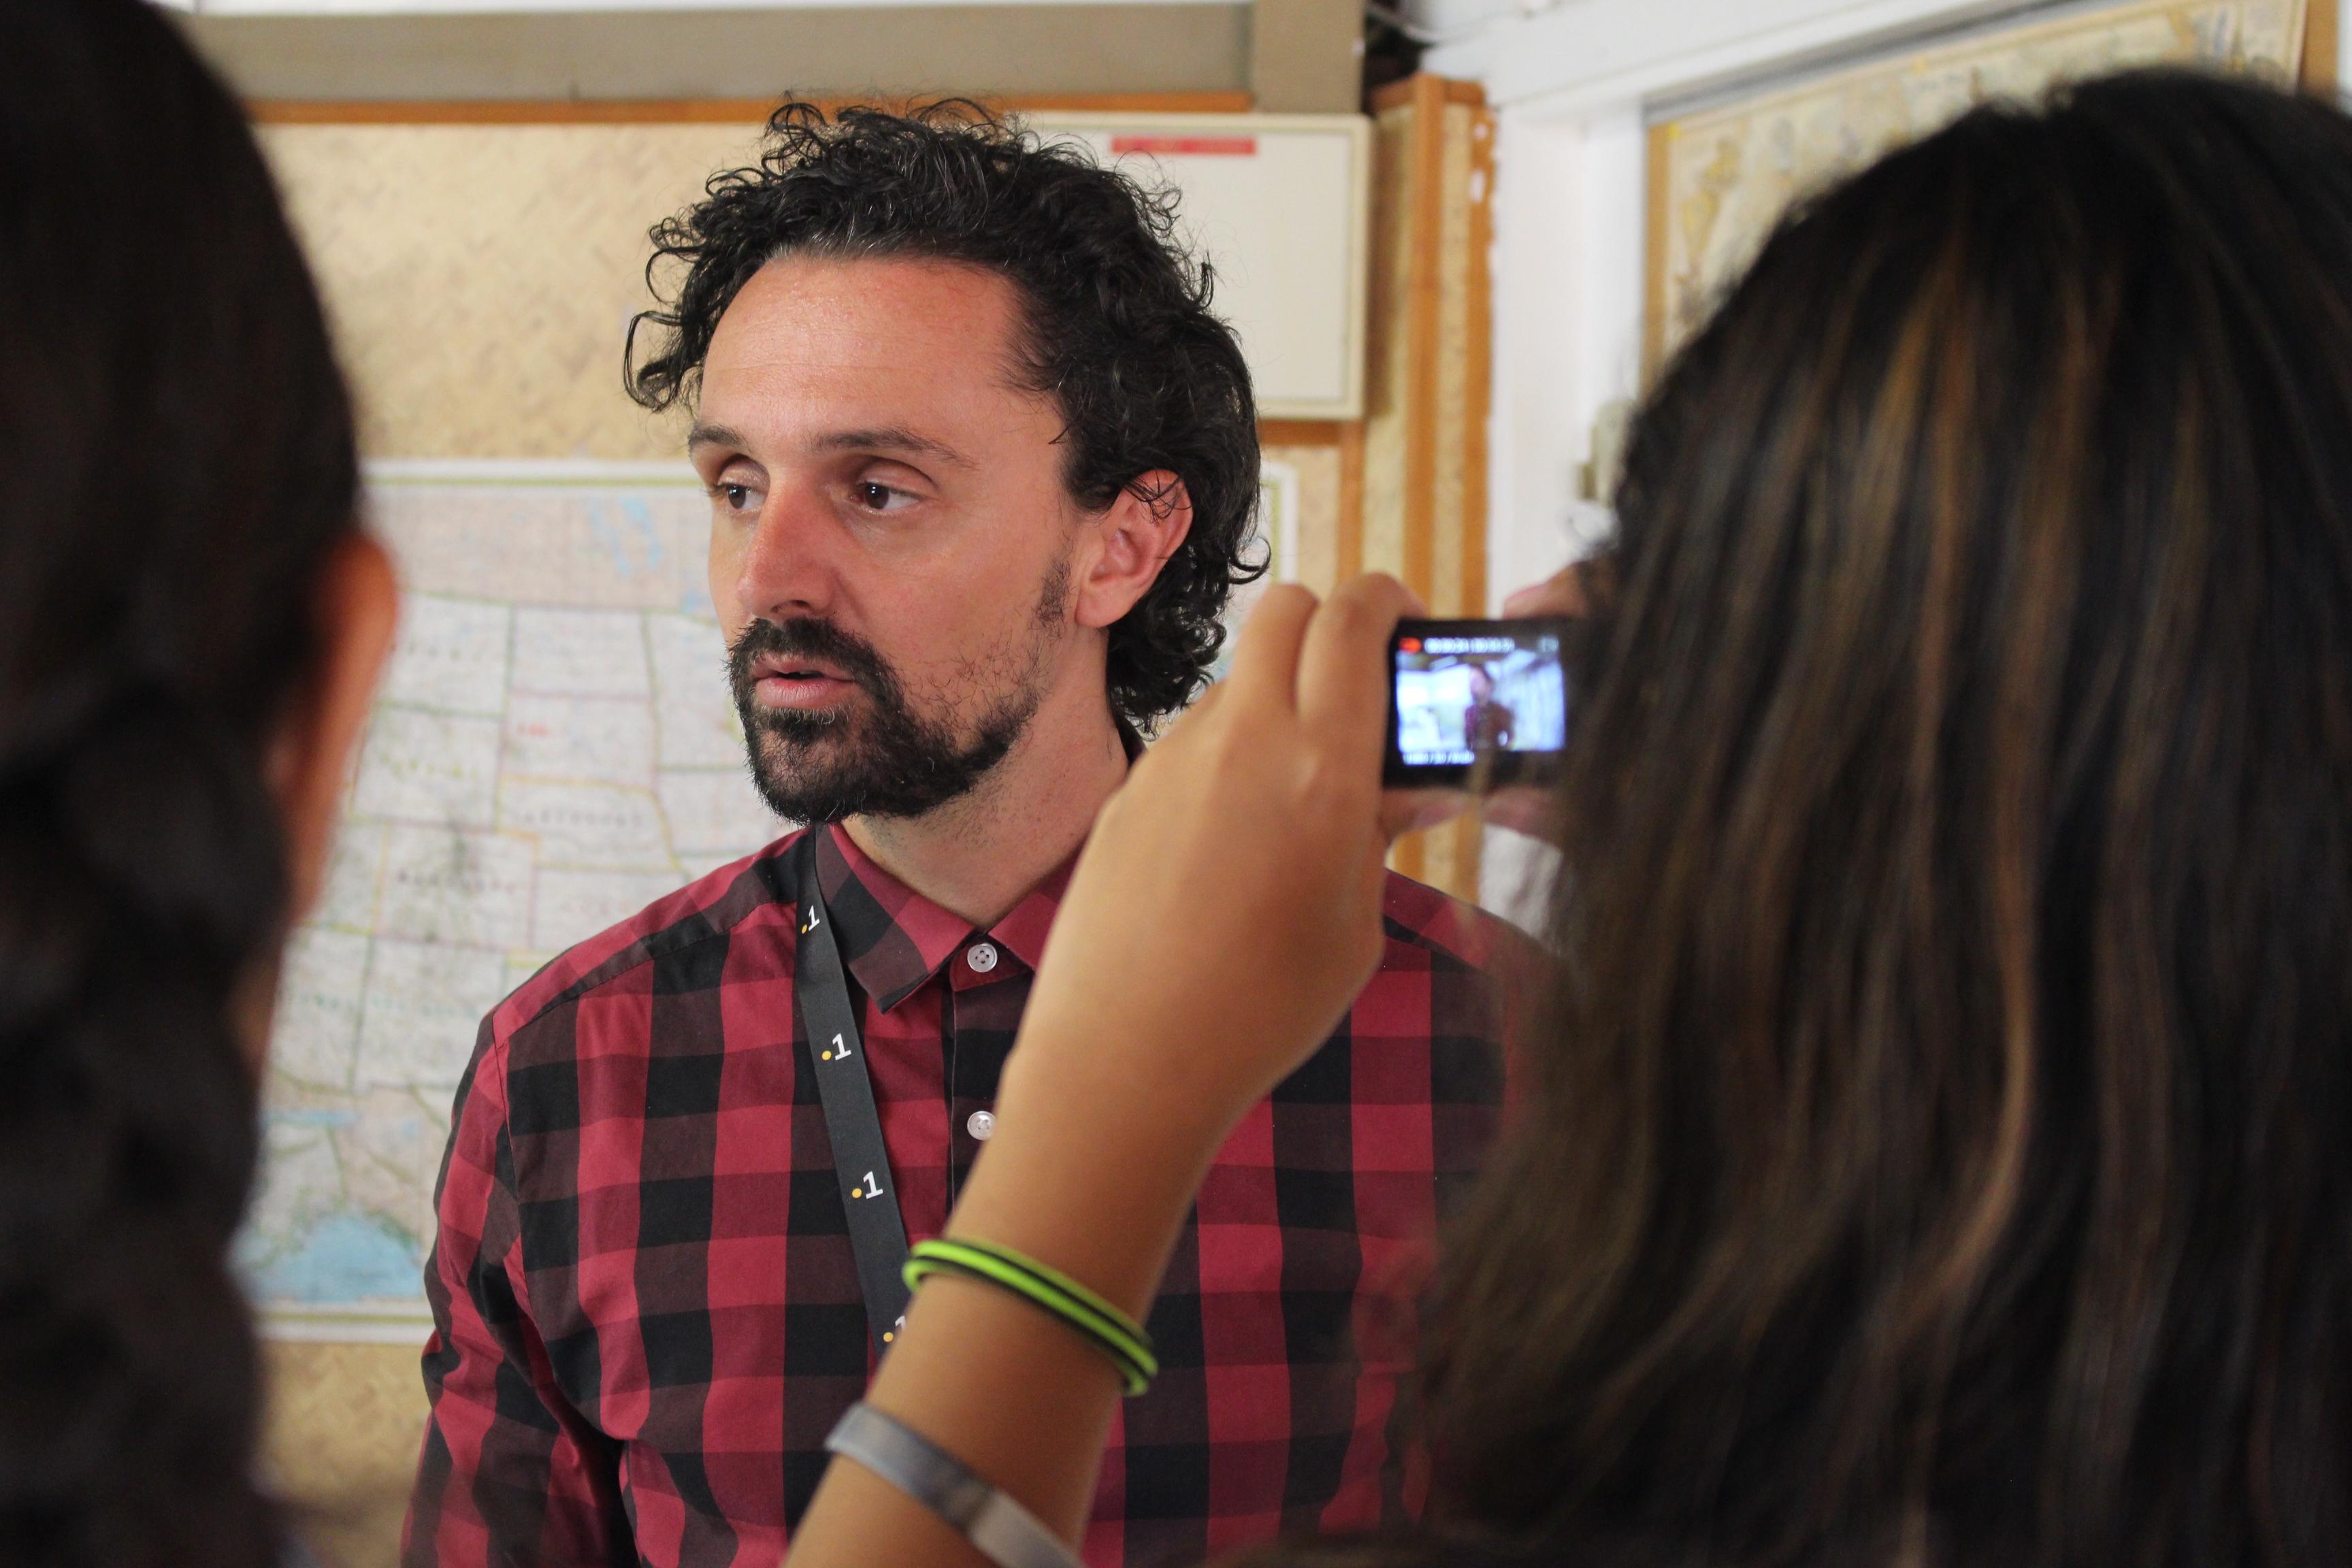 Nyko PK16, interviewé par des scolaires lors de son atelier.